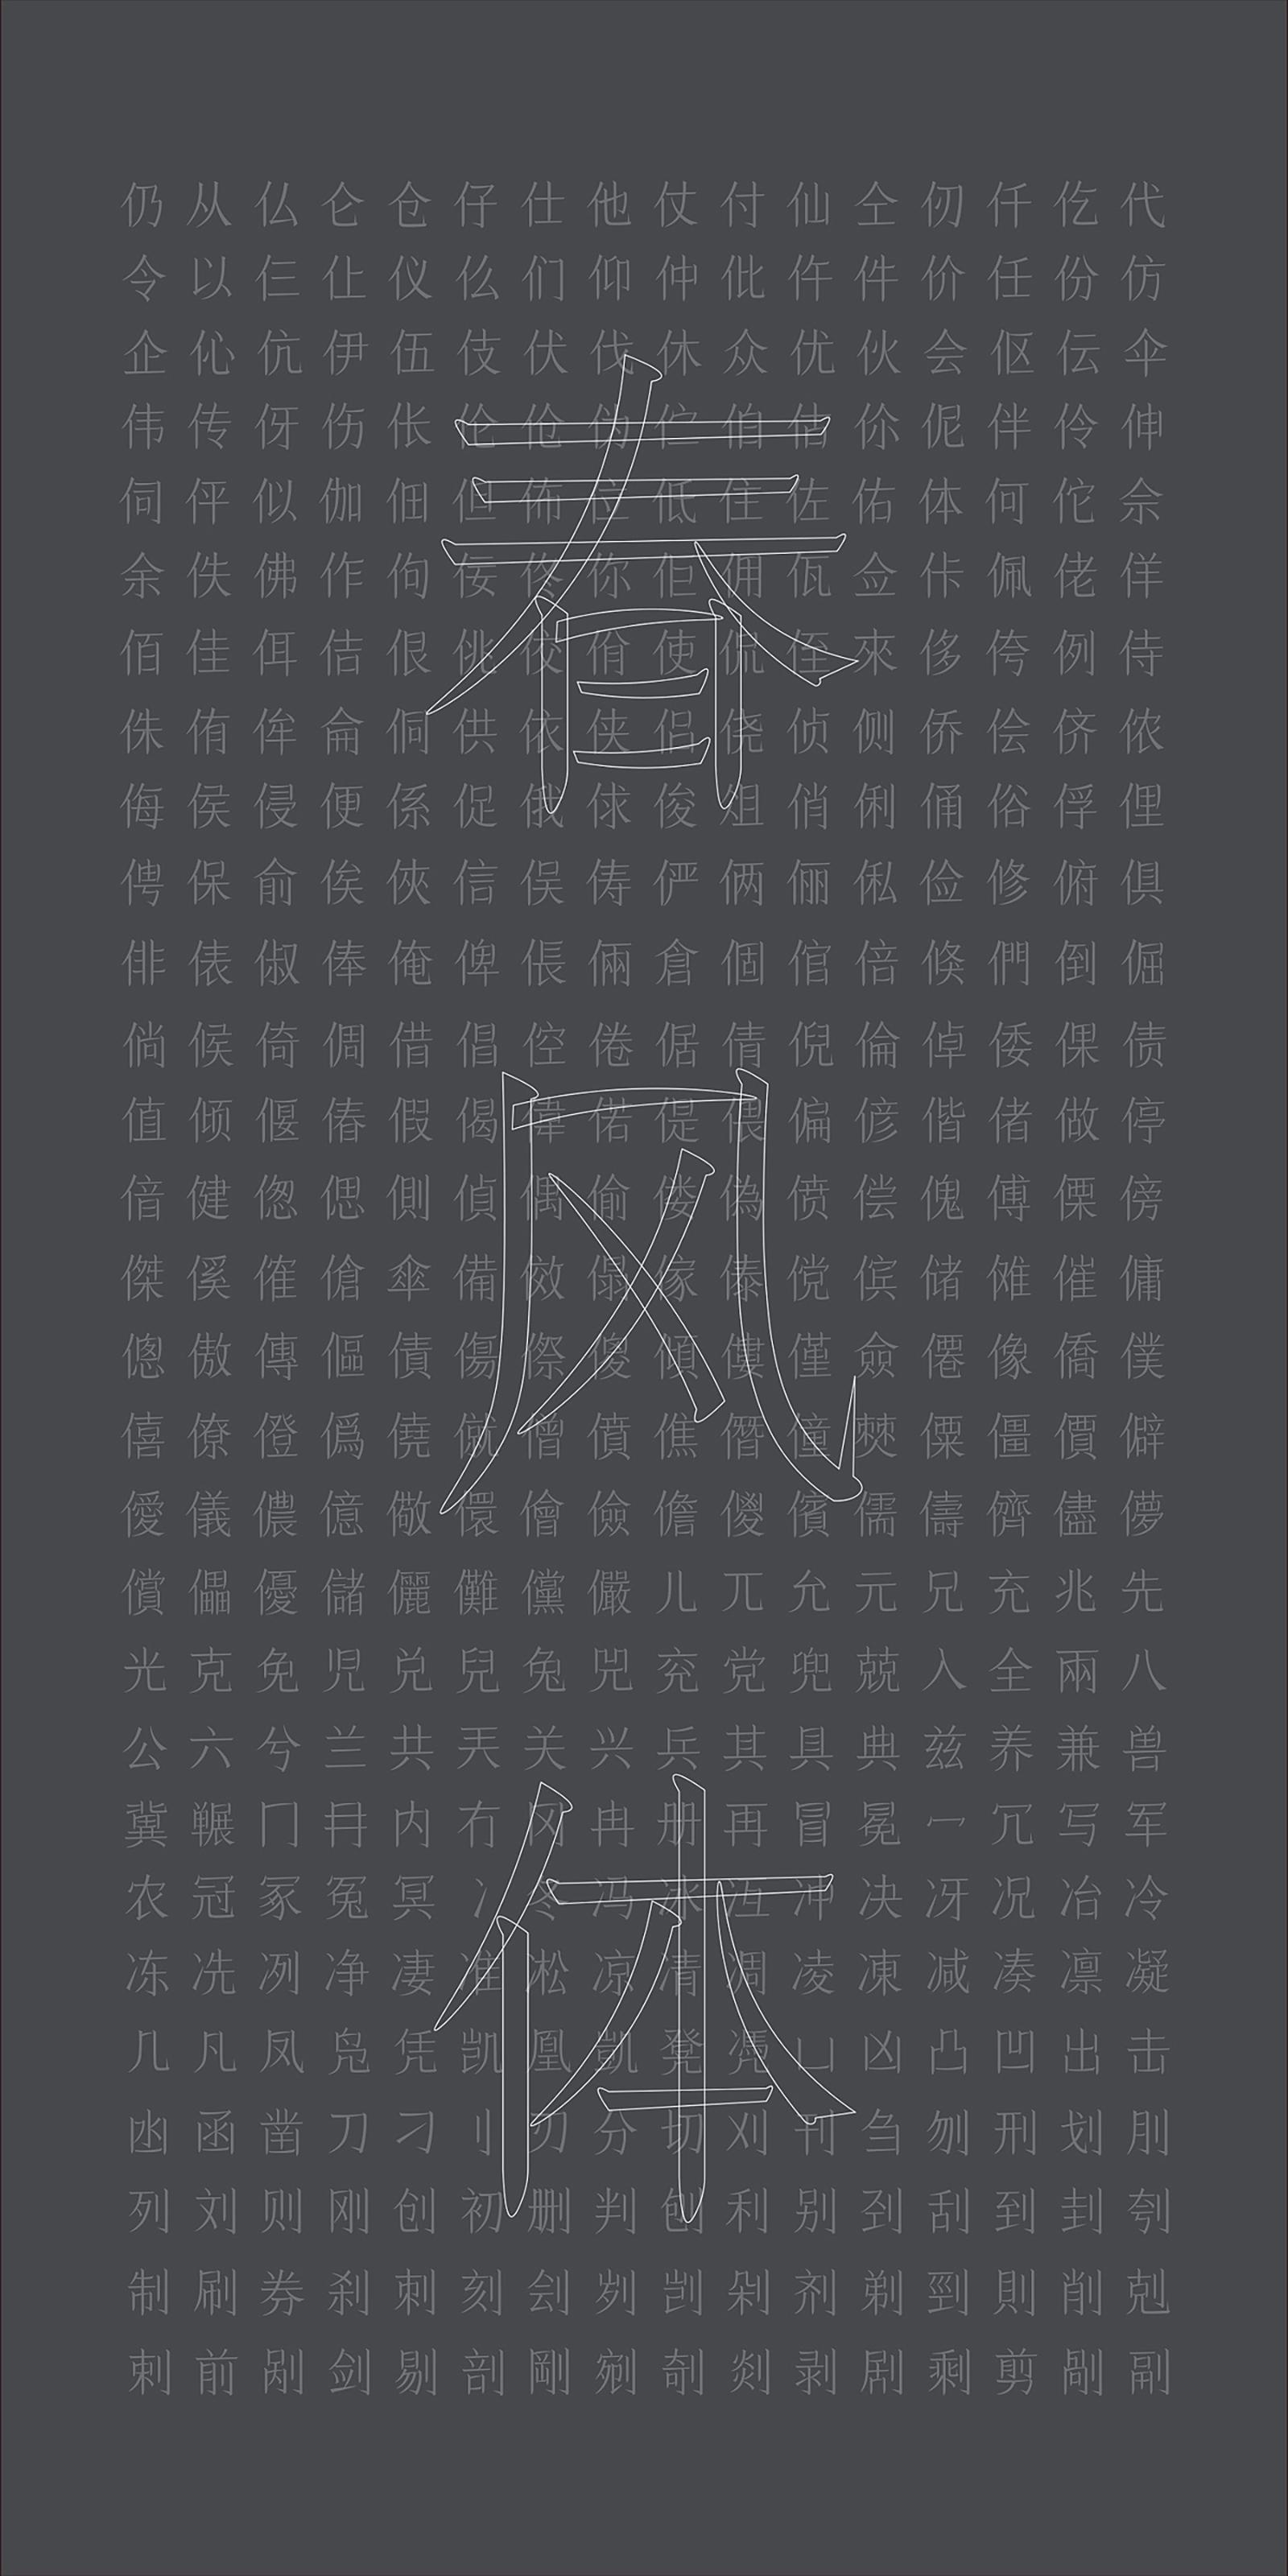 2019新字体:刘兵克春风体-深圳vi设计8